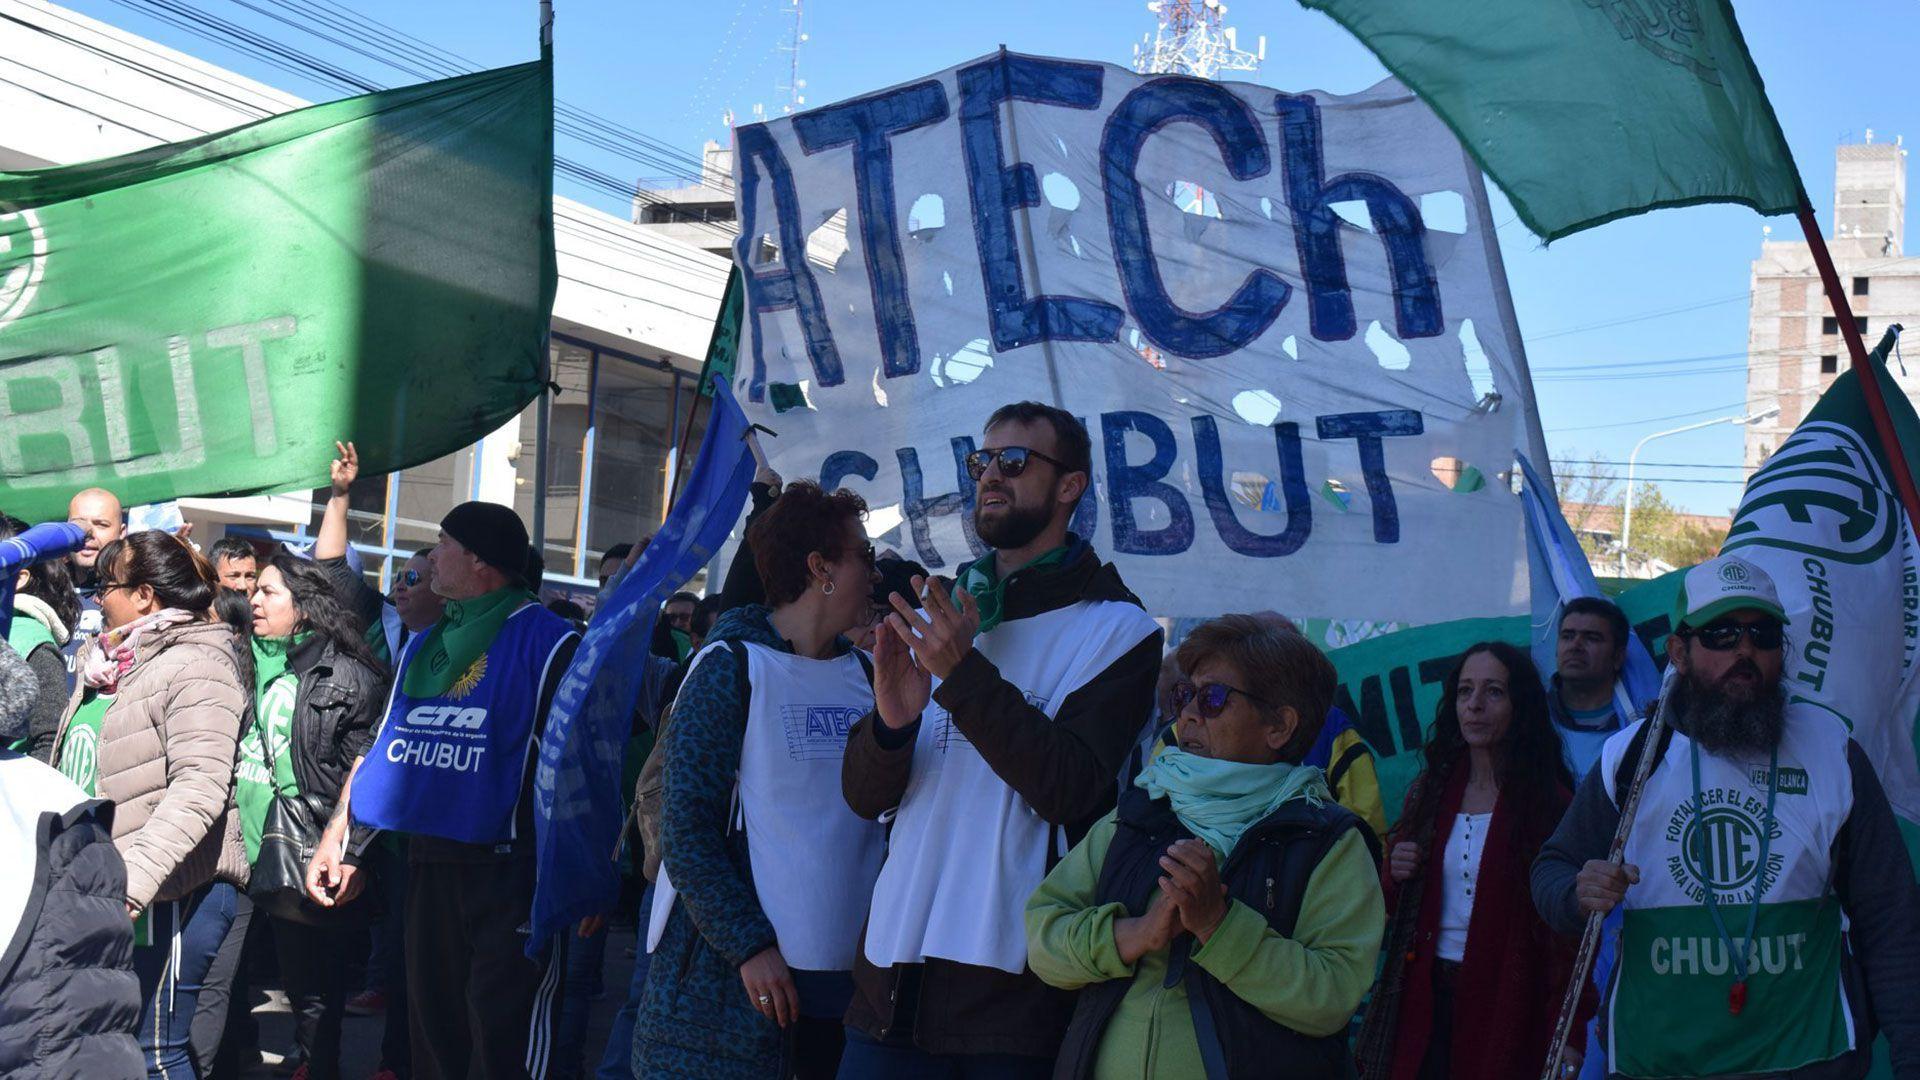 Los gremios estatales mantienen un conflicto con el gobierno de Chubut